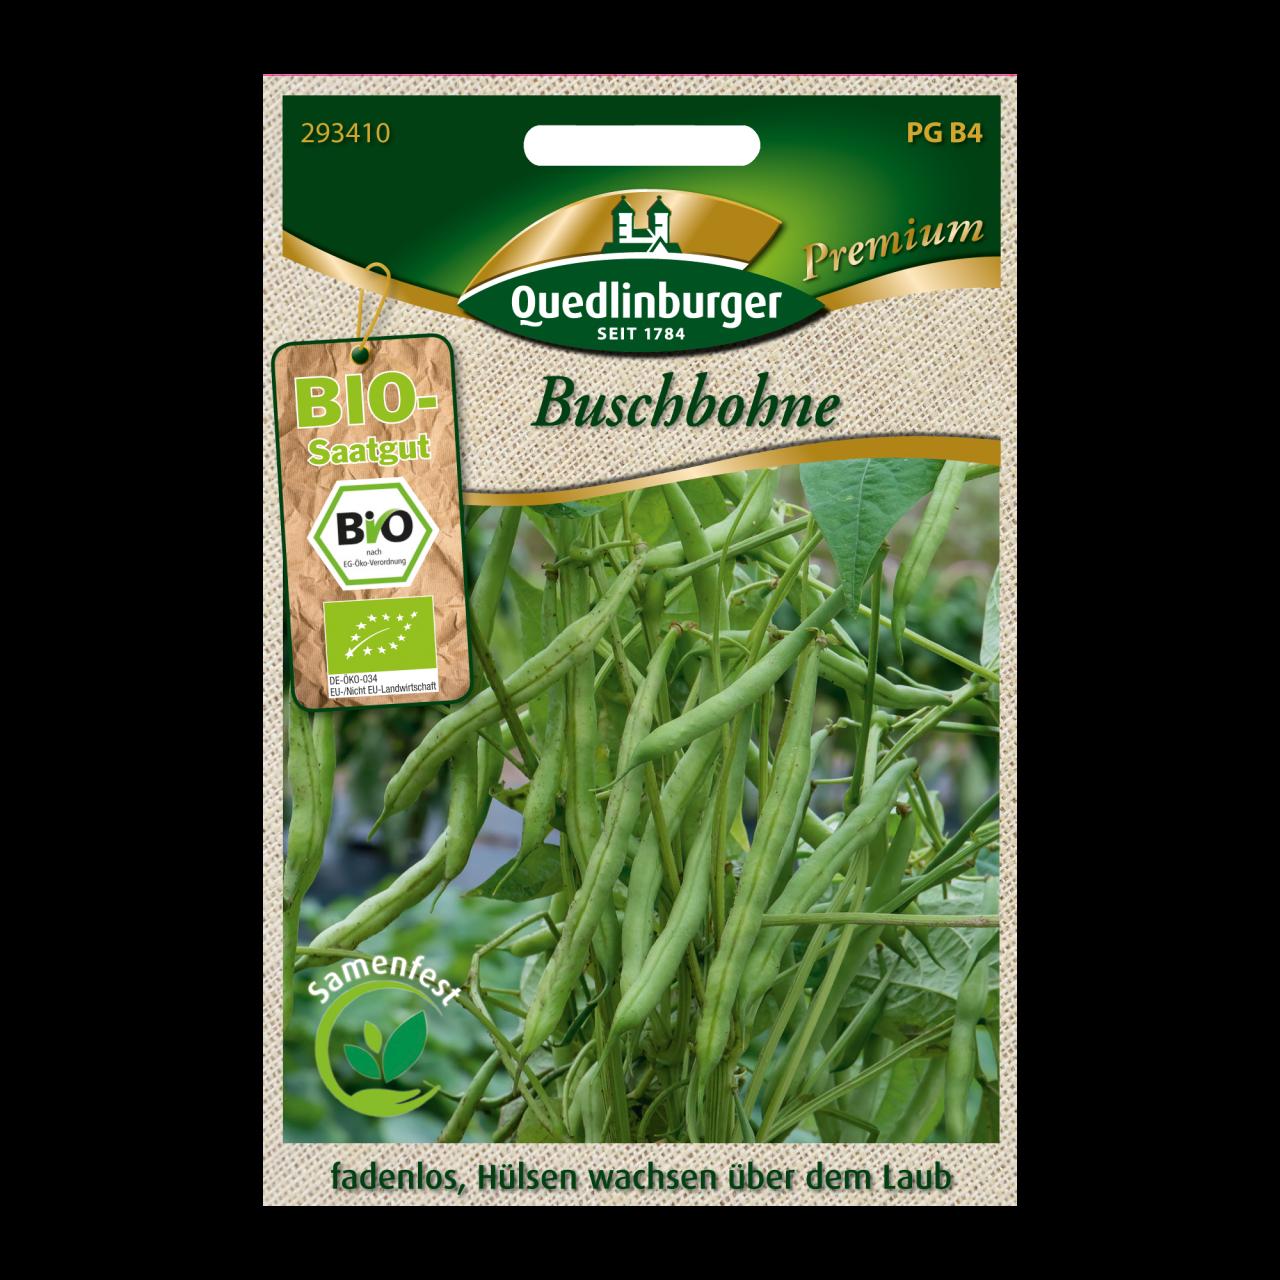 Quedlinburger Saatgut Buschbohne Vorderseite